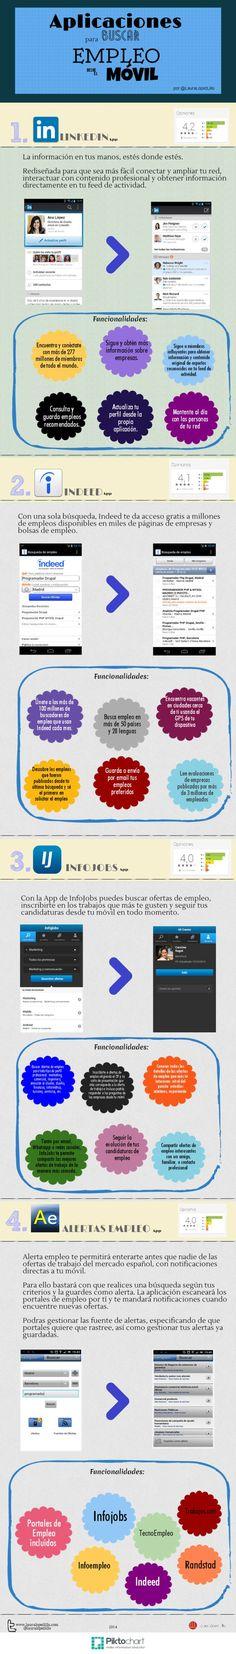 Apps de alertas de empleos en tu móvil #egresados #umayor #apps